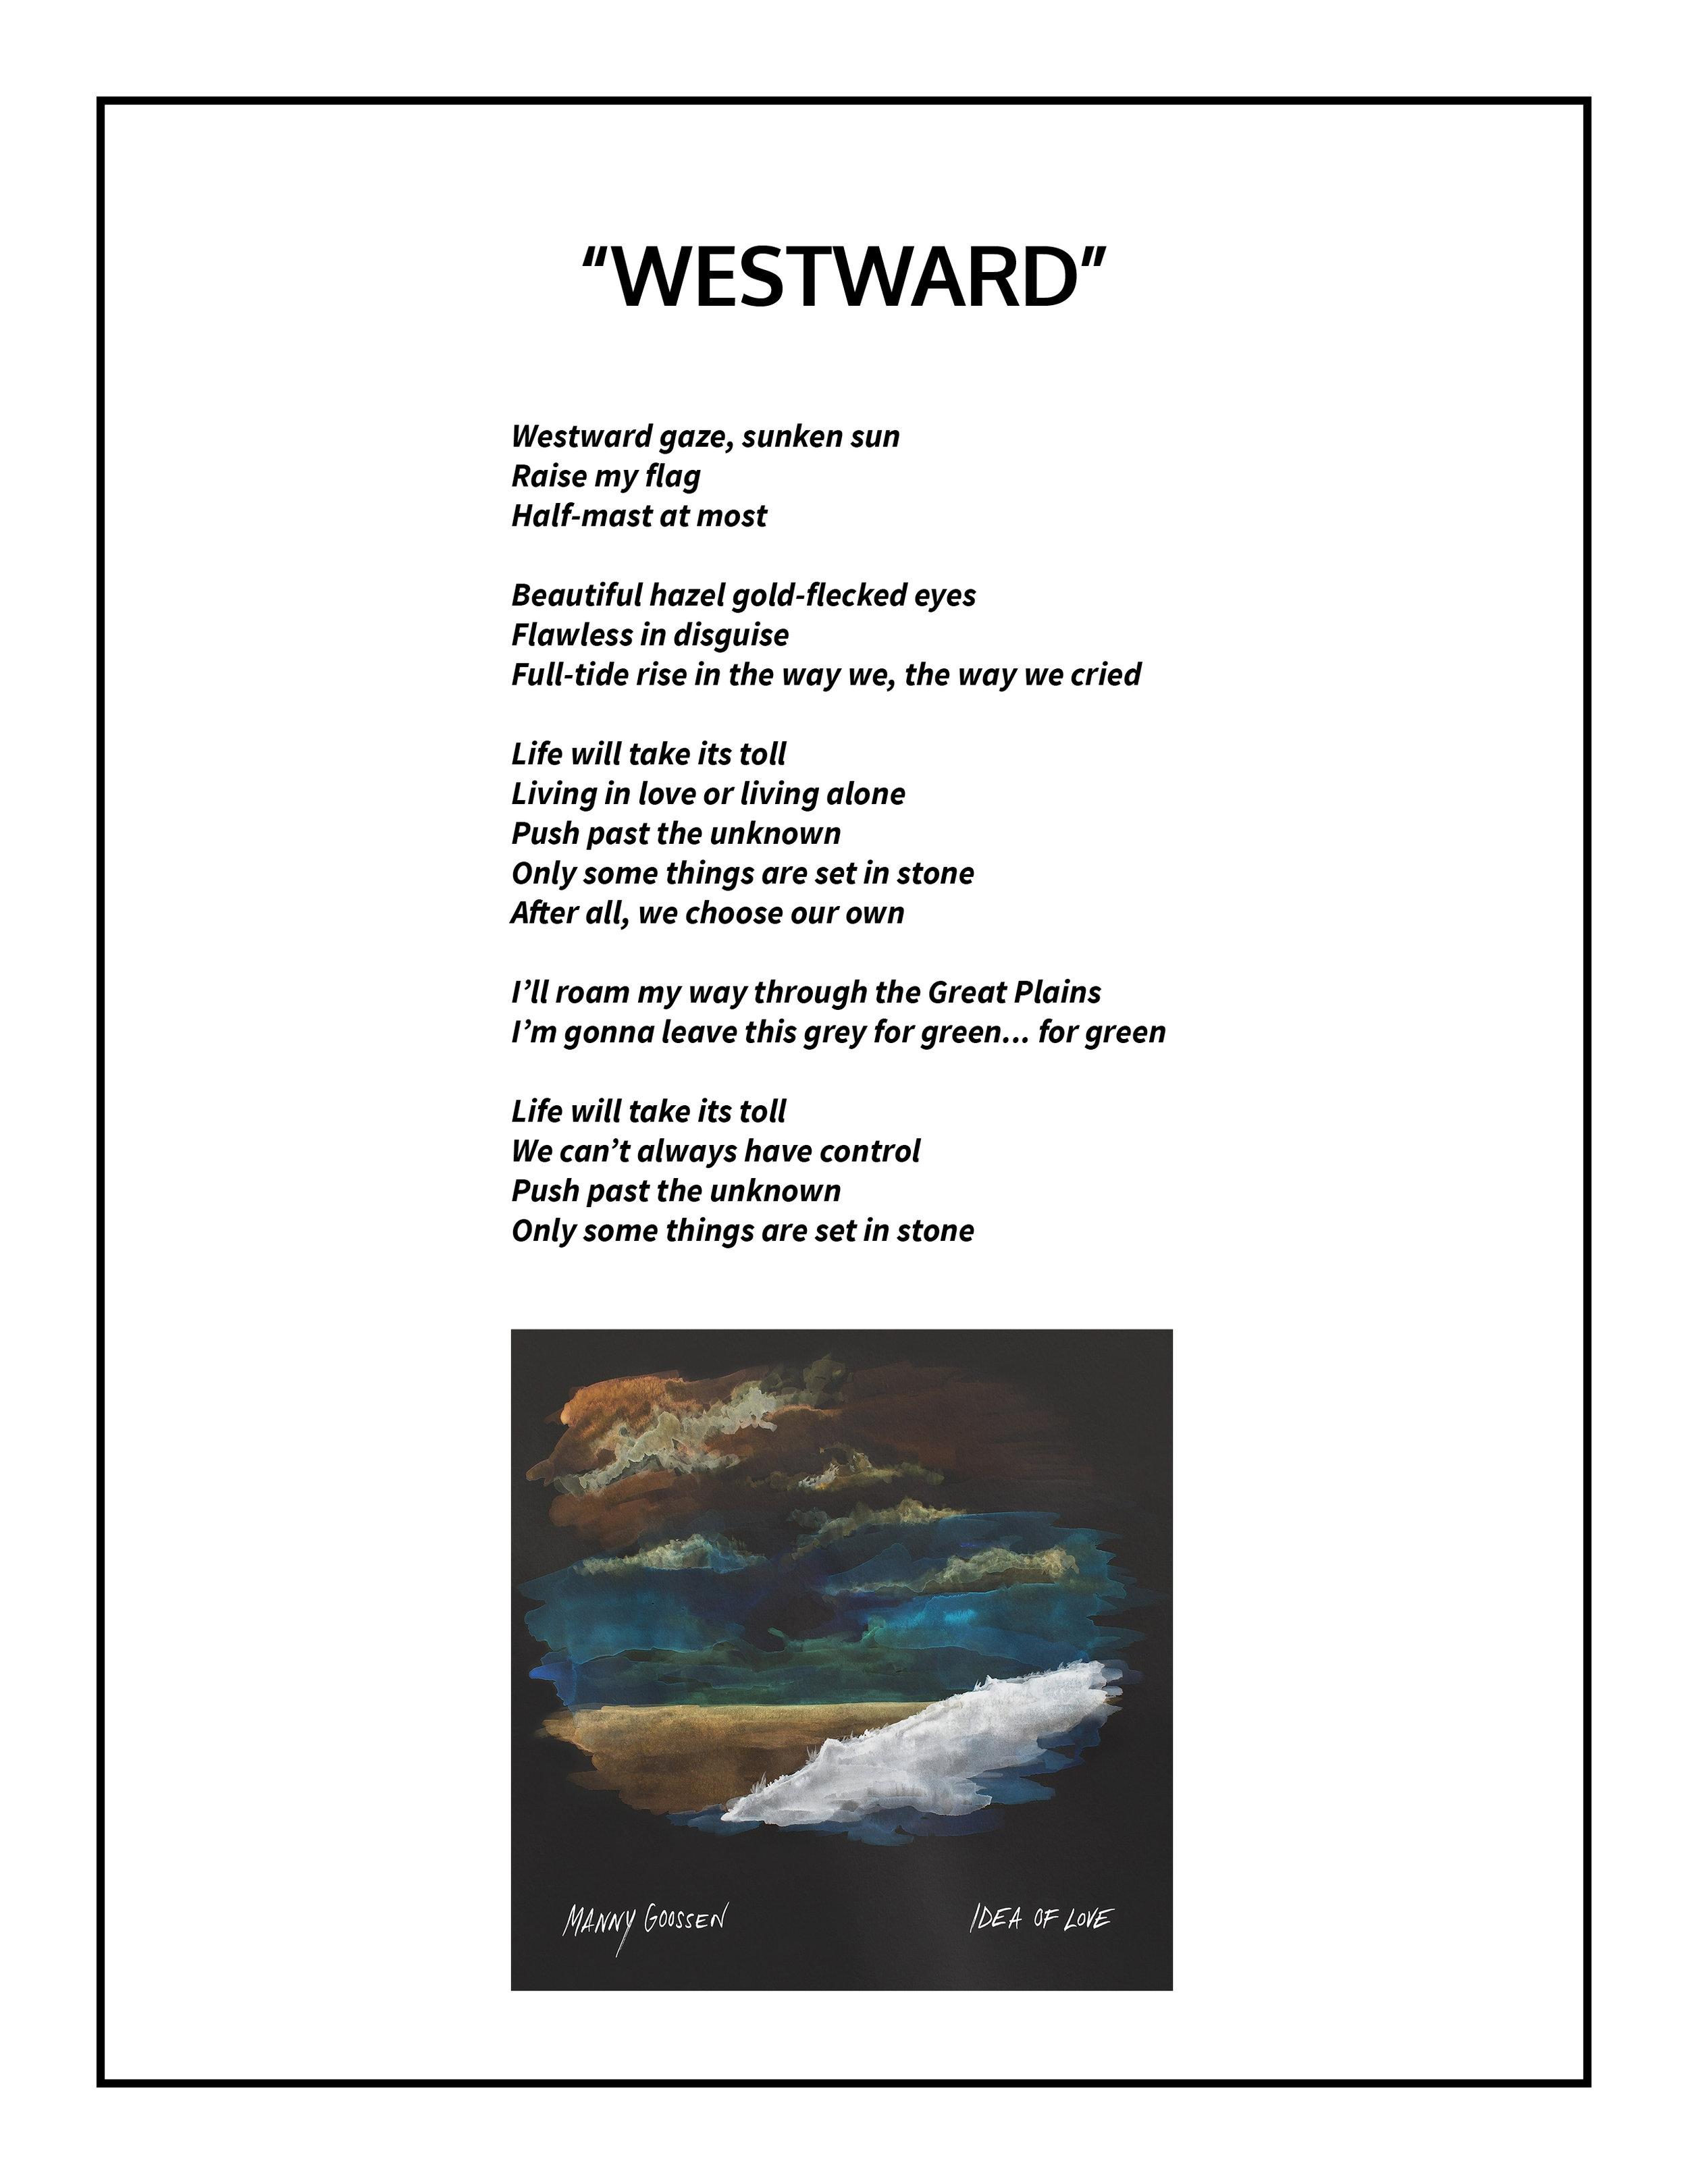 Westward Lyrics